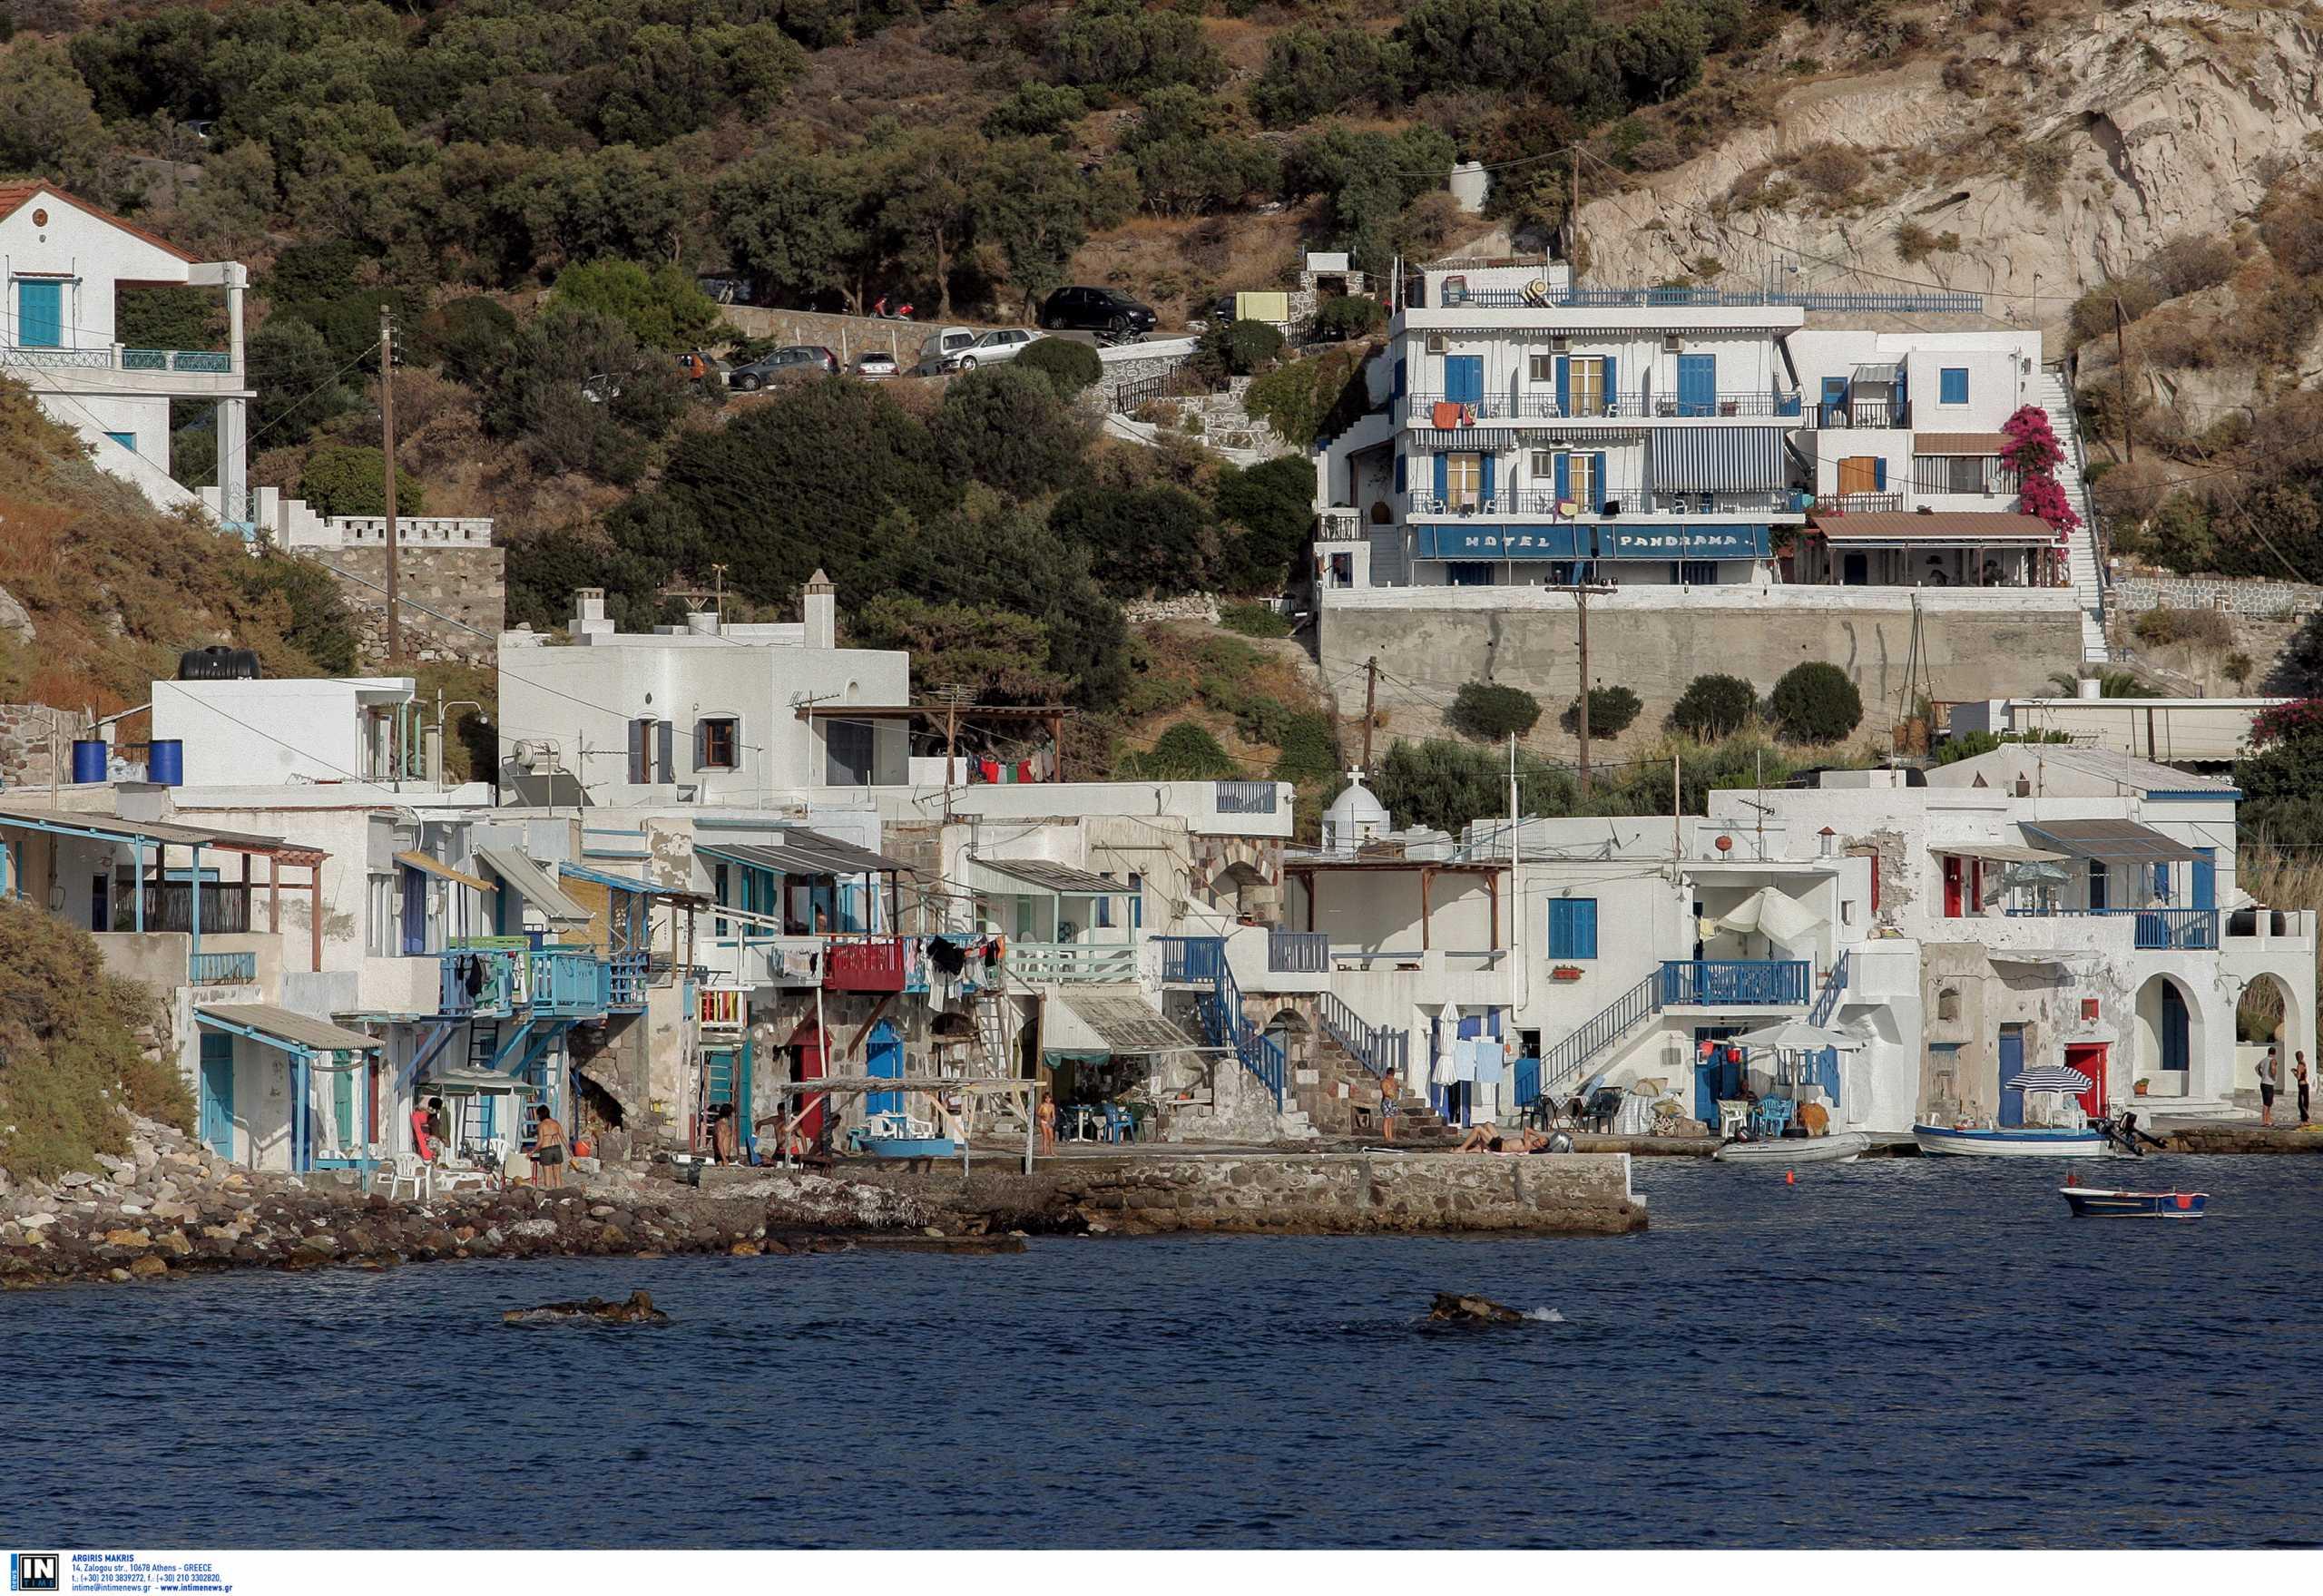 Κυκλάδες: Αυτό είναι το νησί έκπληξη που ψήφισαν ως το καλύτερο για φέτος οι Αμερικανοί τουρίστες